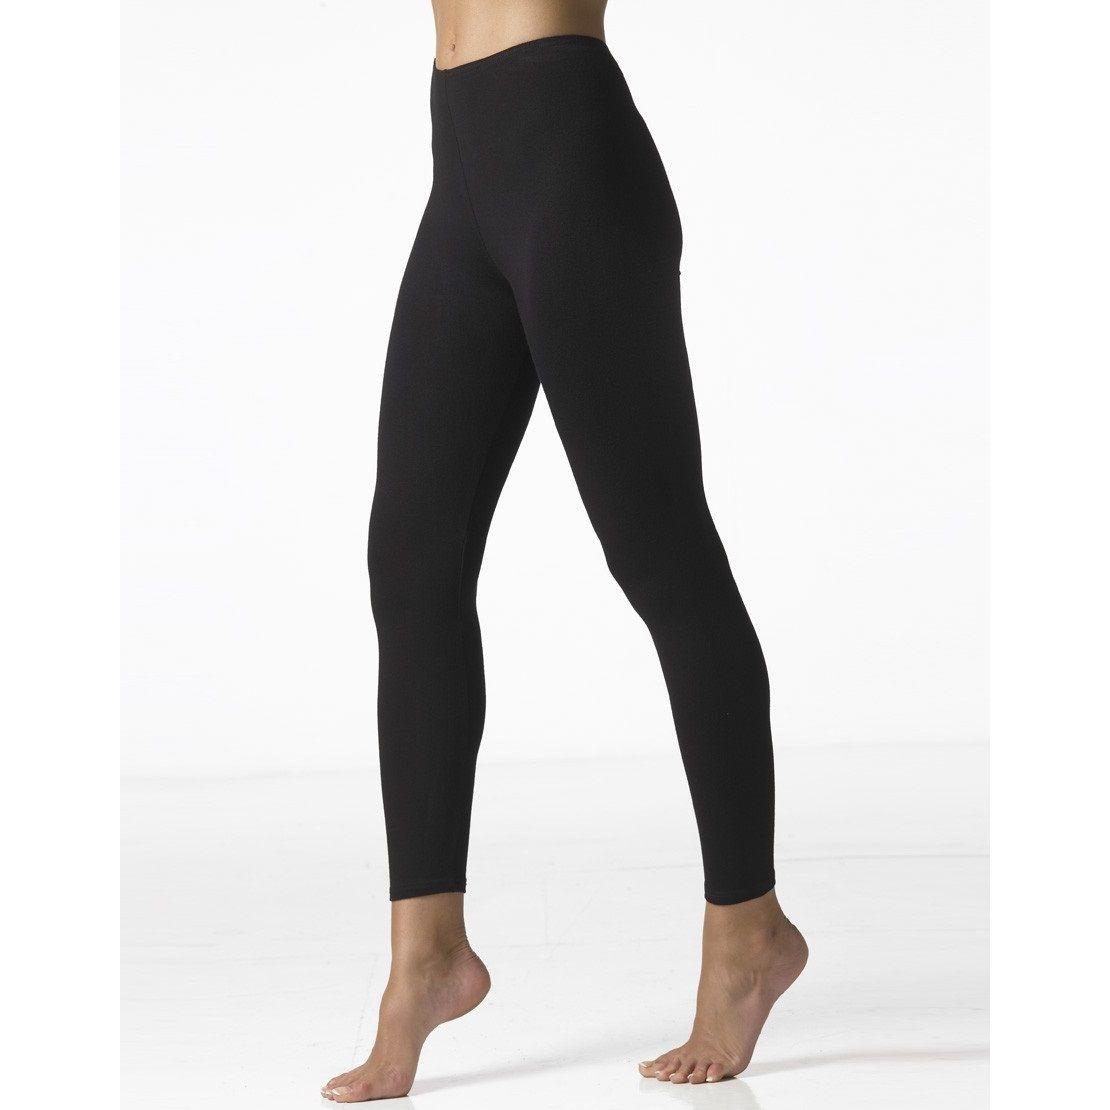 Legging anti-cellulite : comment agit cet accessoire sur votre peau ?